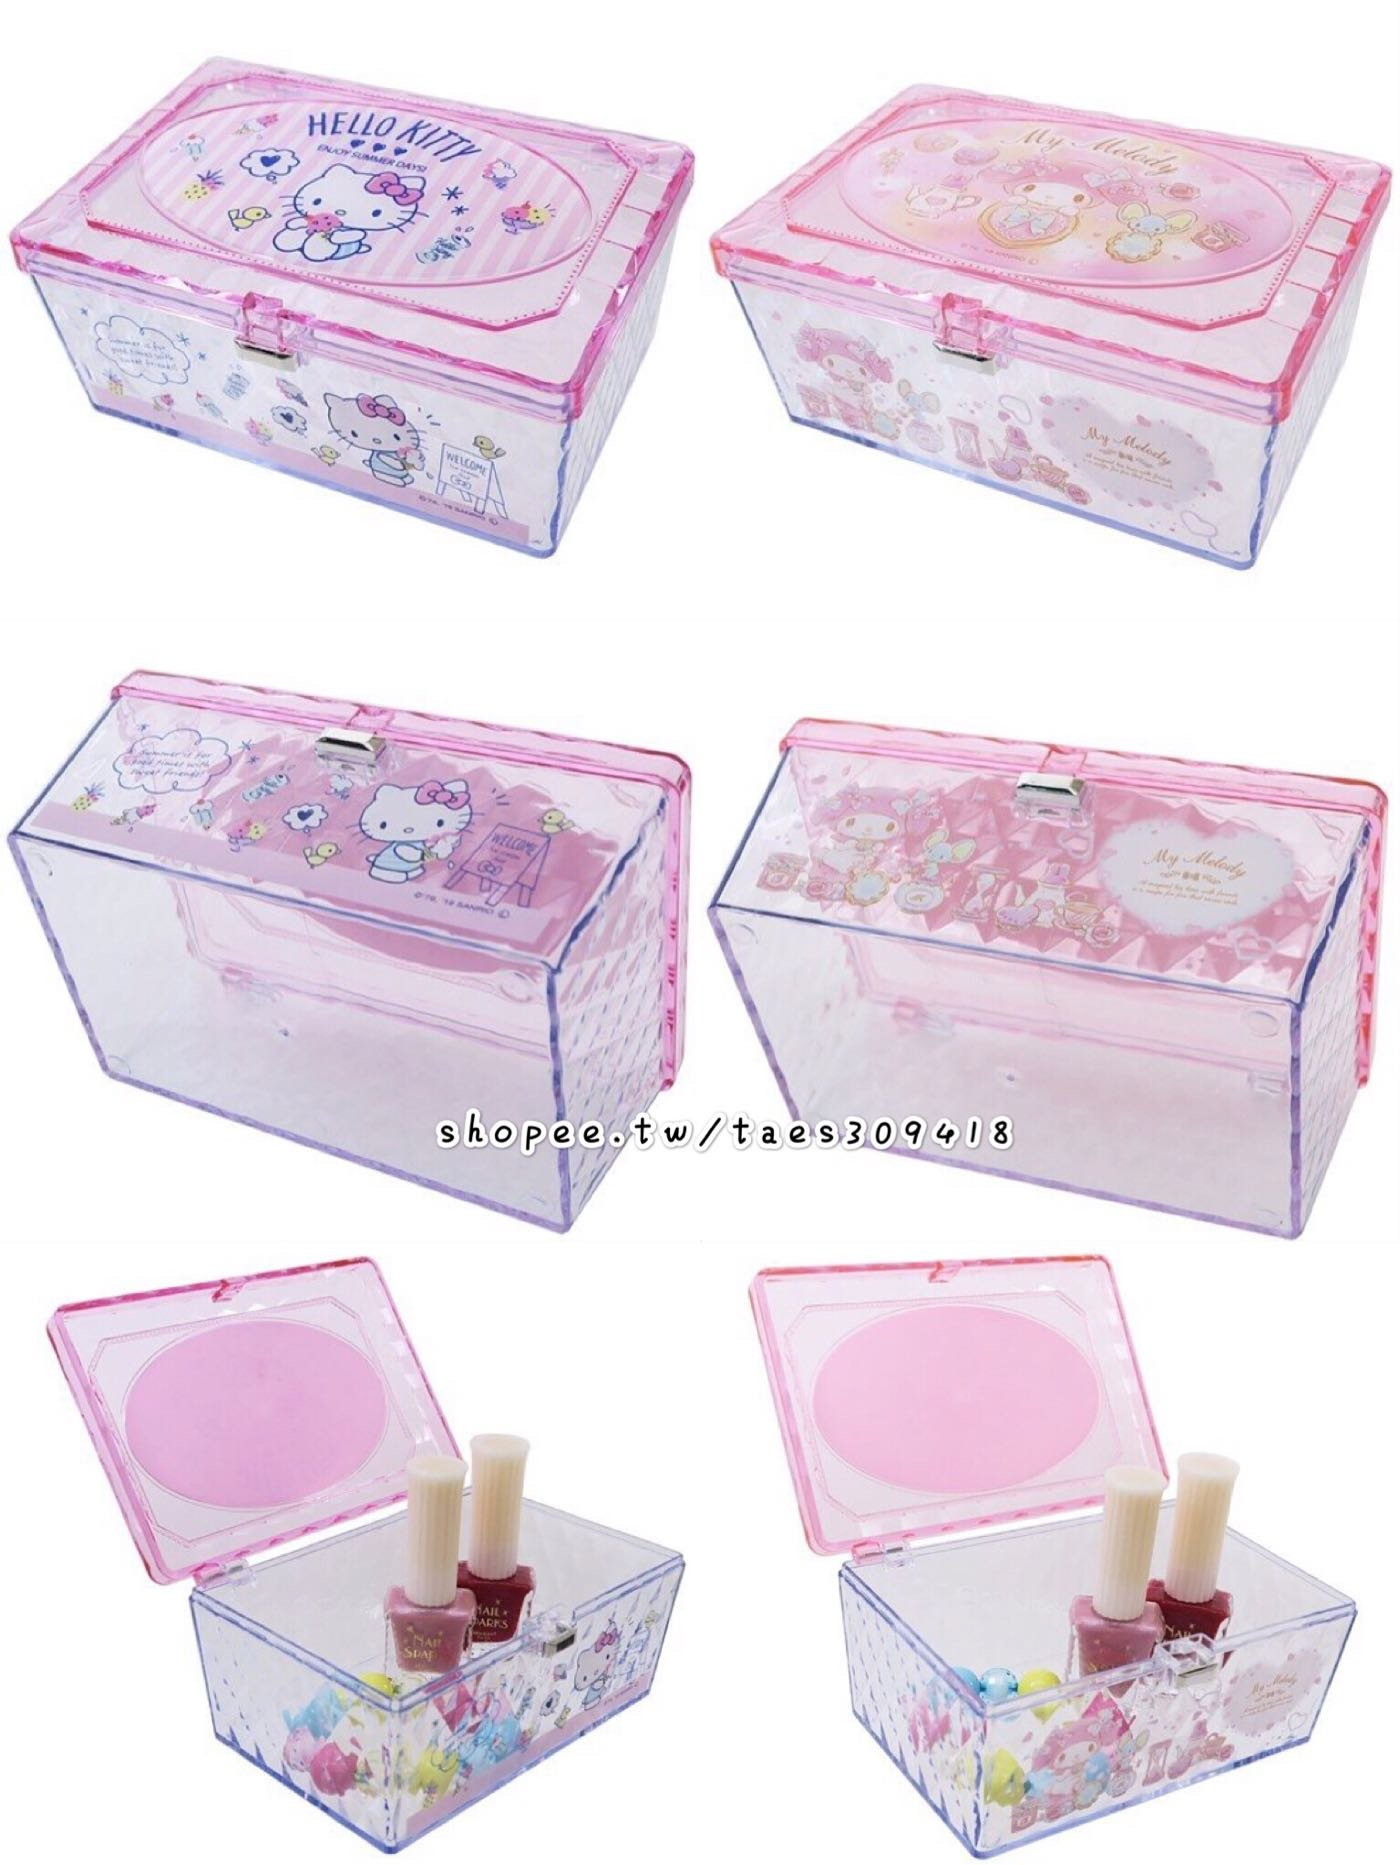 三麗鷗 HELLO KITTY 凱蒂貓 美樂蒂 雙子星 透明小物收納盒 透明盒 小物盒 收納盒 置物盒 掀蓋盒 梳妝盒 化妝盒 飾品盒 三款